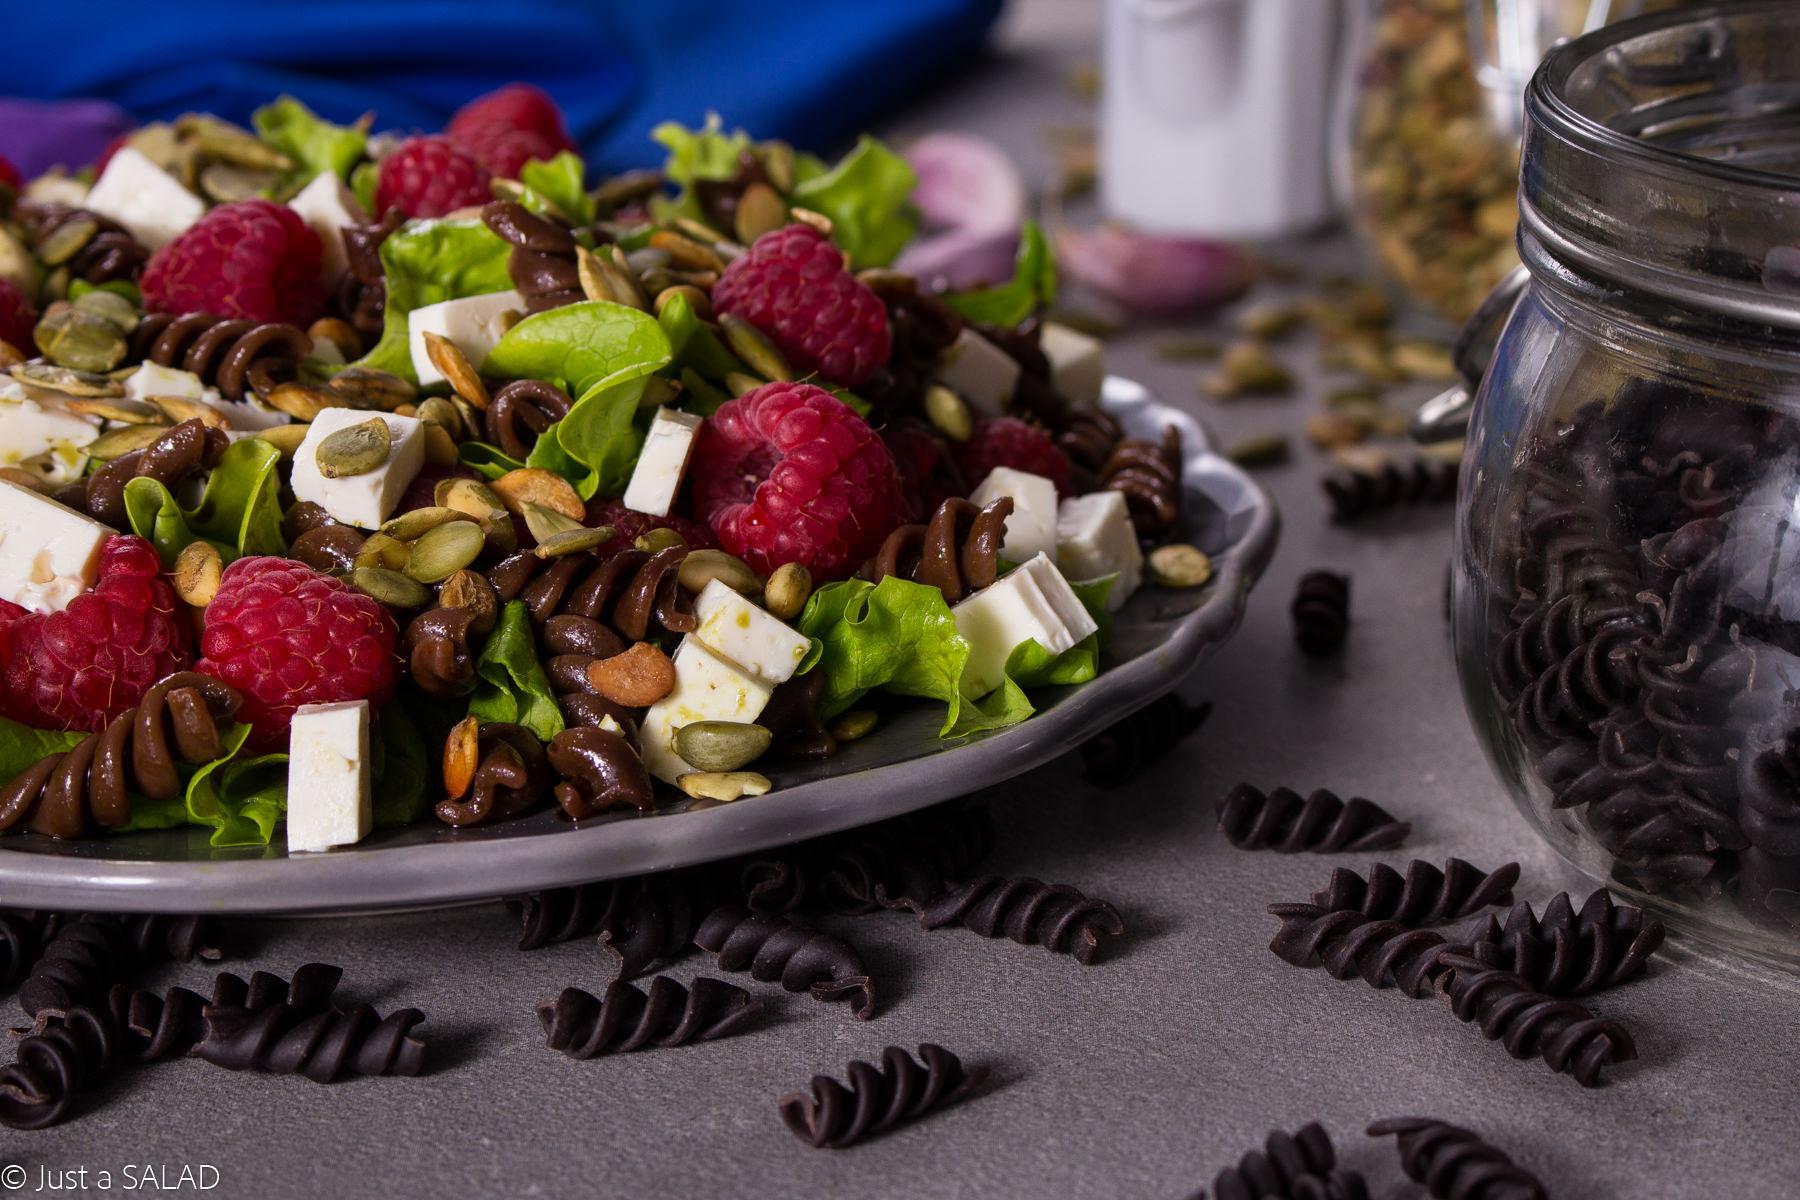 Sałatka z makaronem czekoladowym, mixem sałat, malinami, kozim serem, pestkami dyni oraz dyniowym dressingiem.